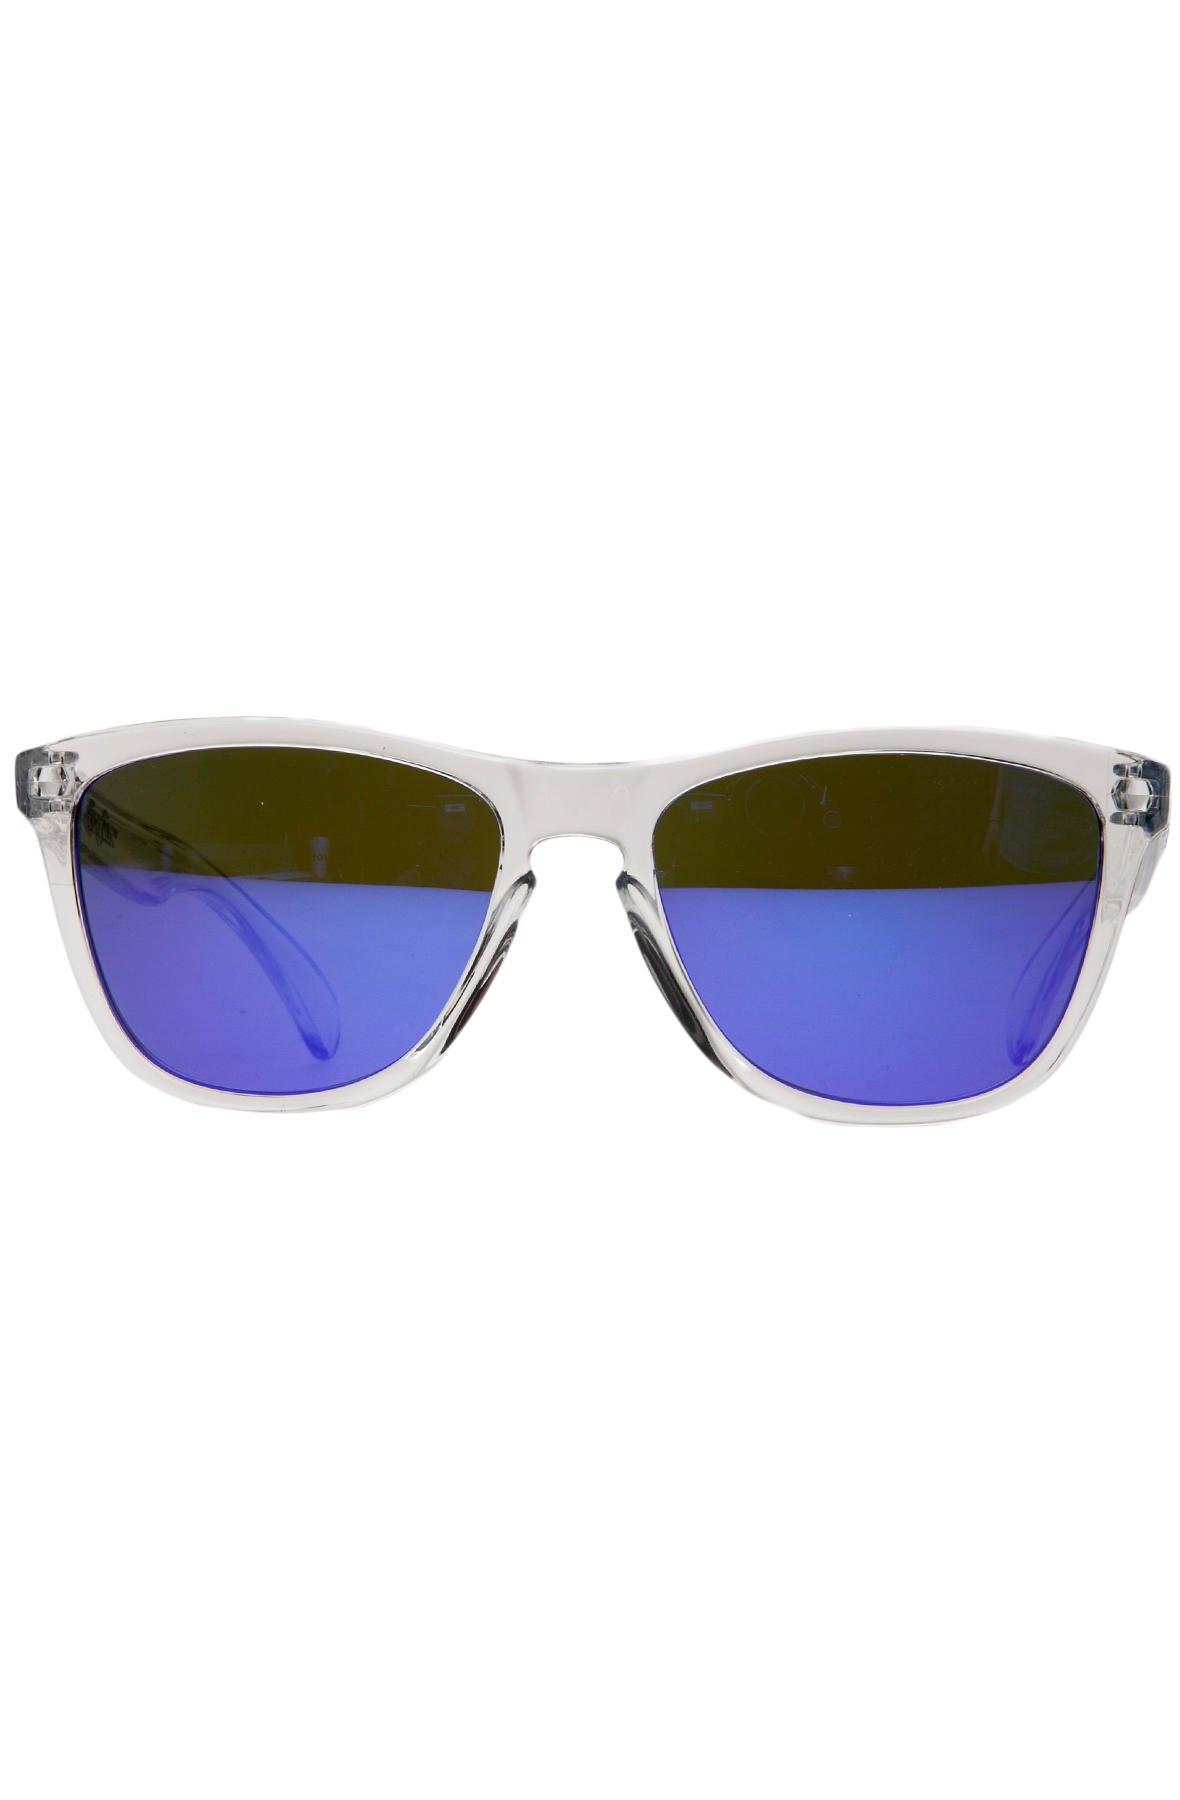 OAKLEY Oakley Frogskin Sunglasses One Size Clear by Oakley